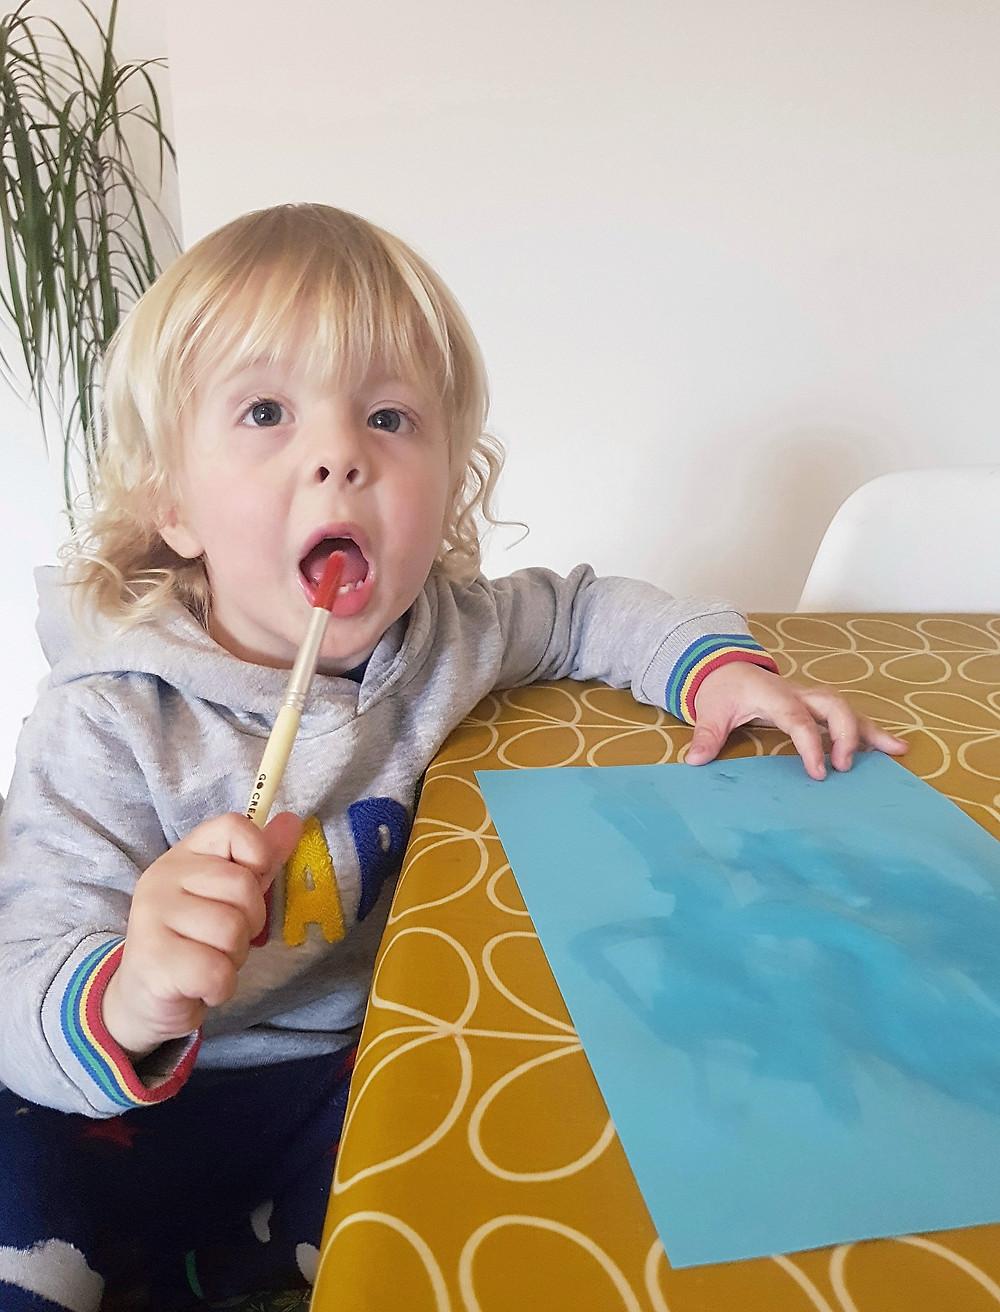 blonde toddler trying to eat paintbrush